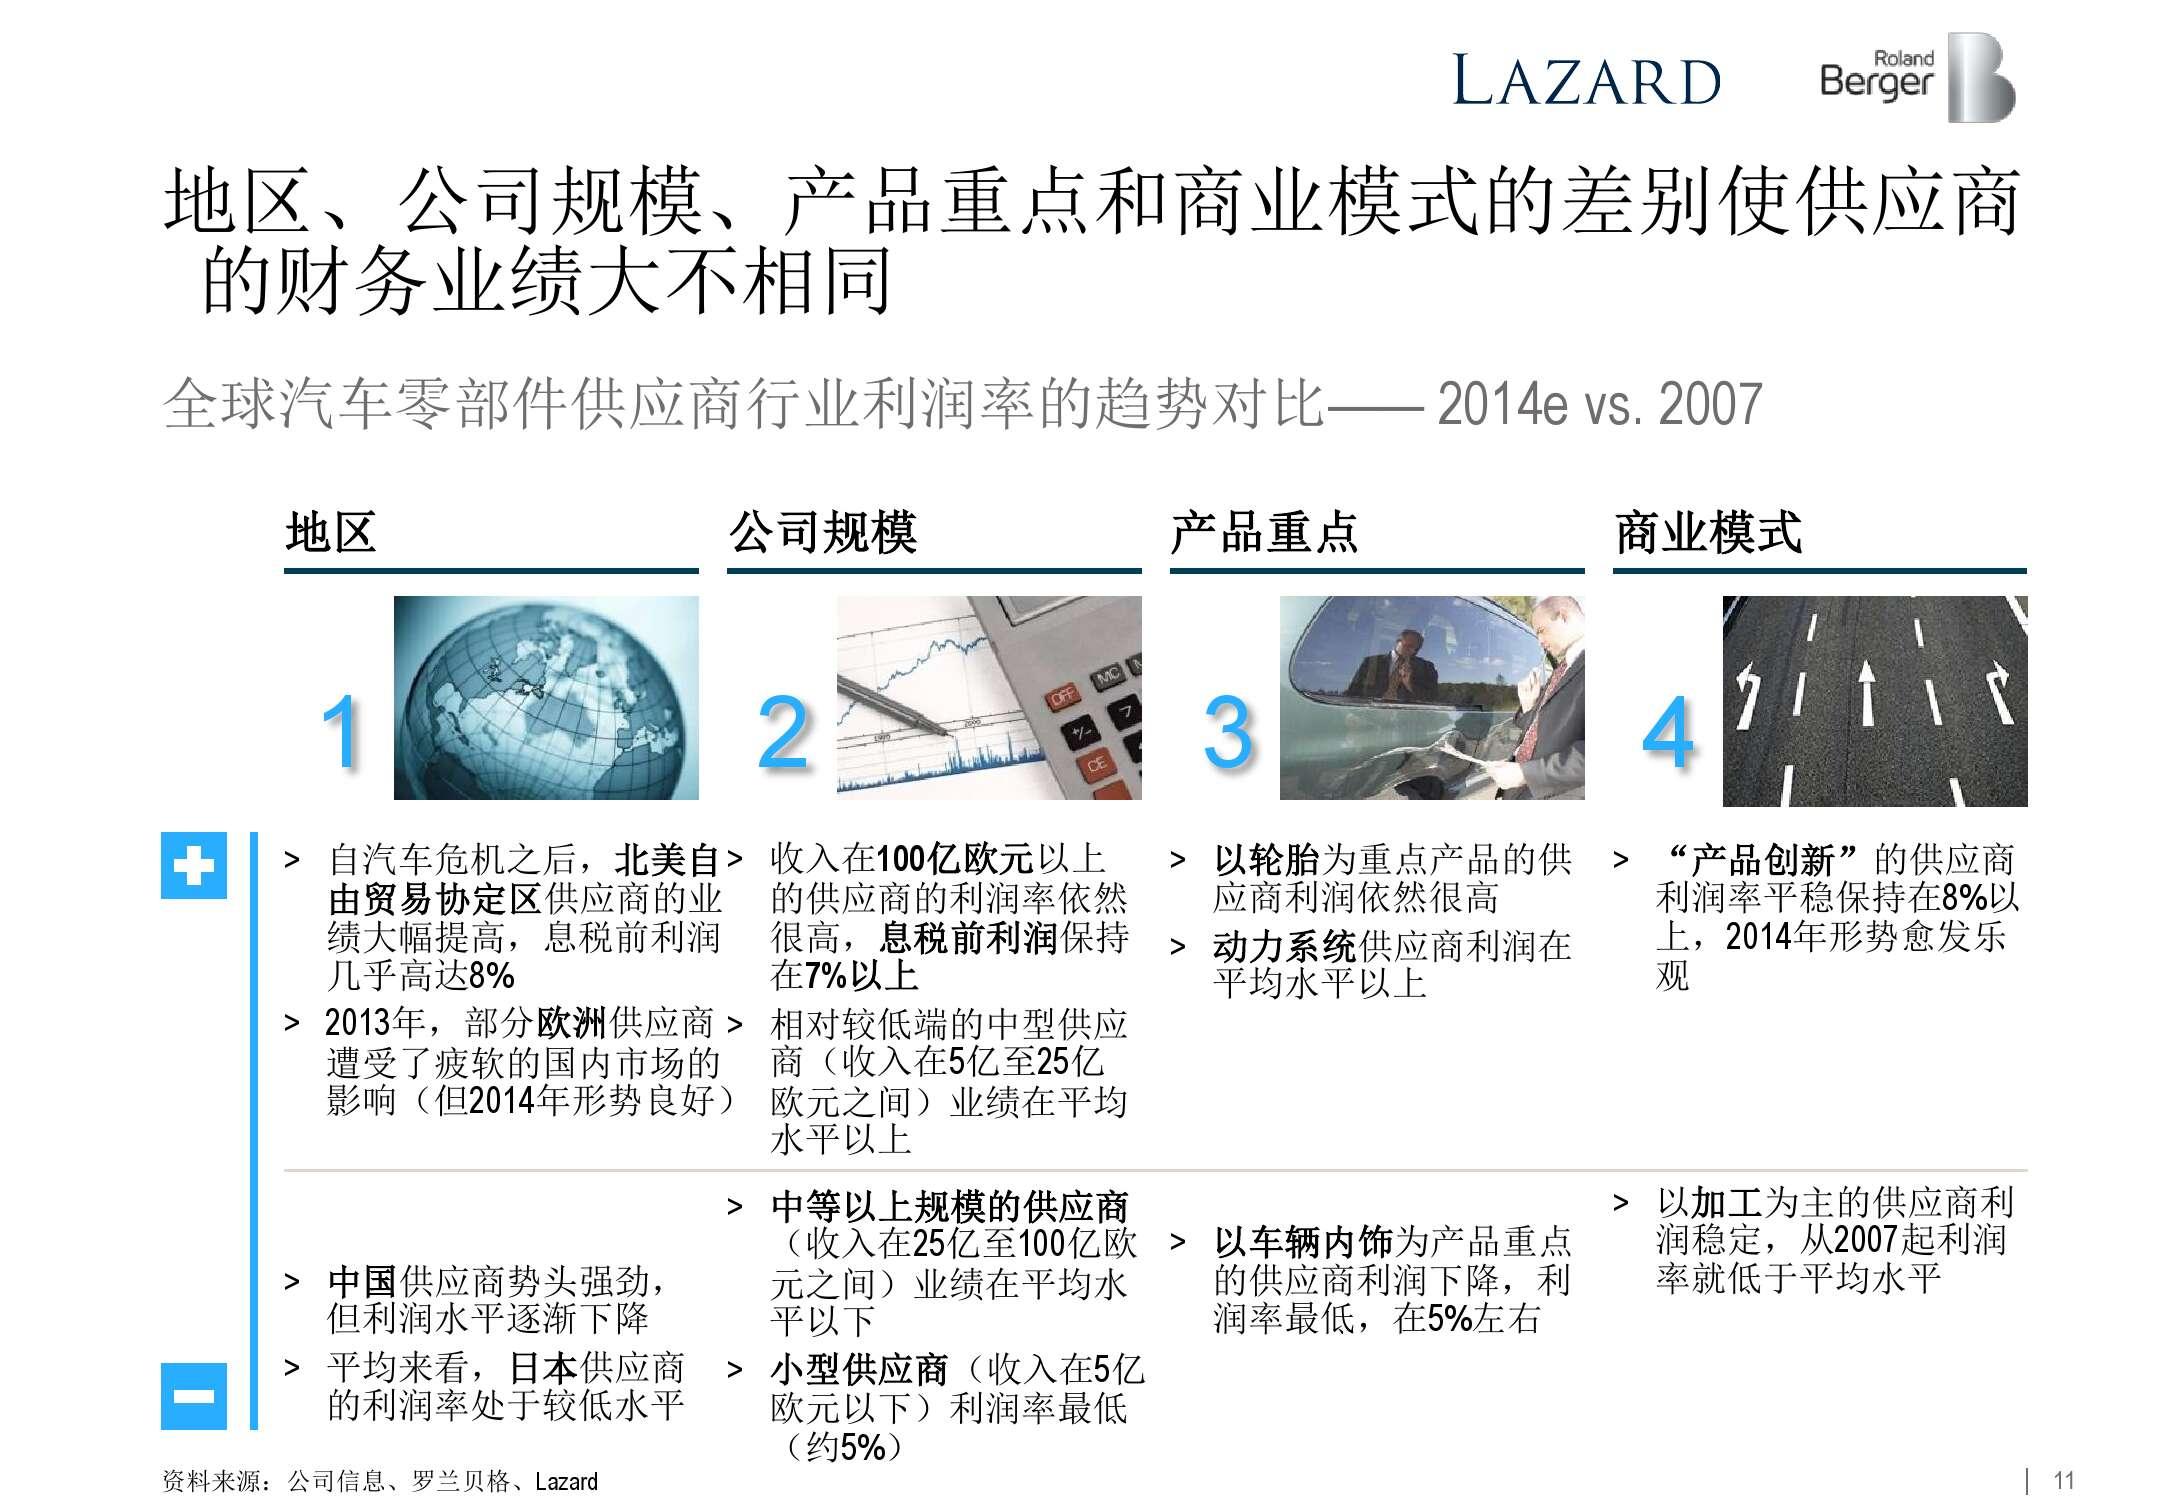 2015年全球汽车零部件供应商研究_000011